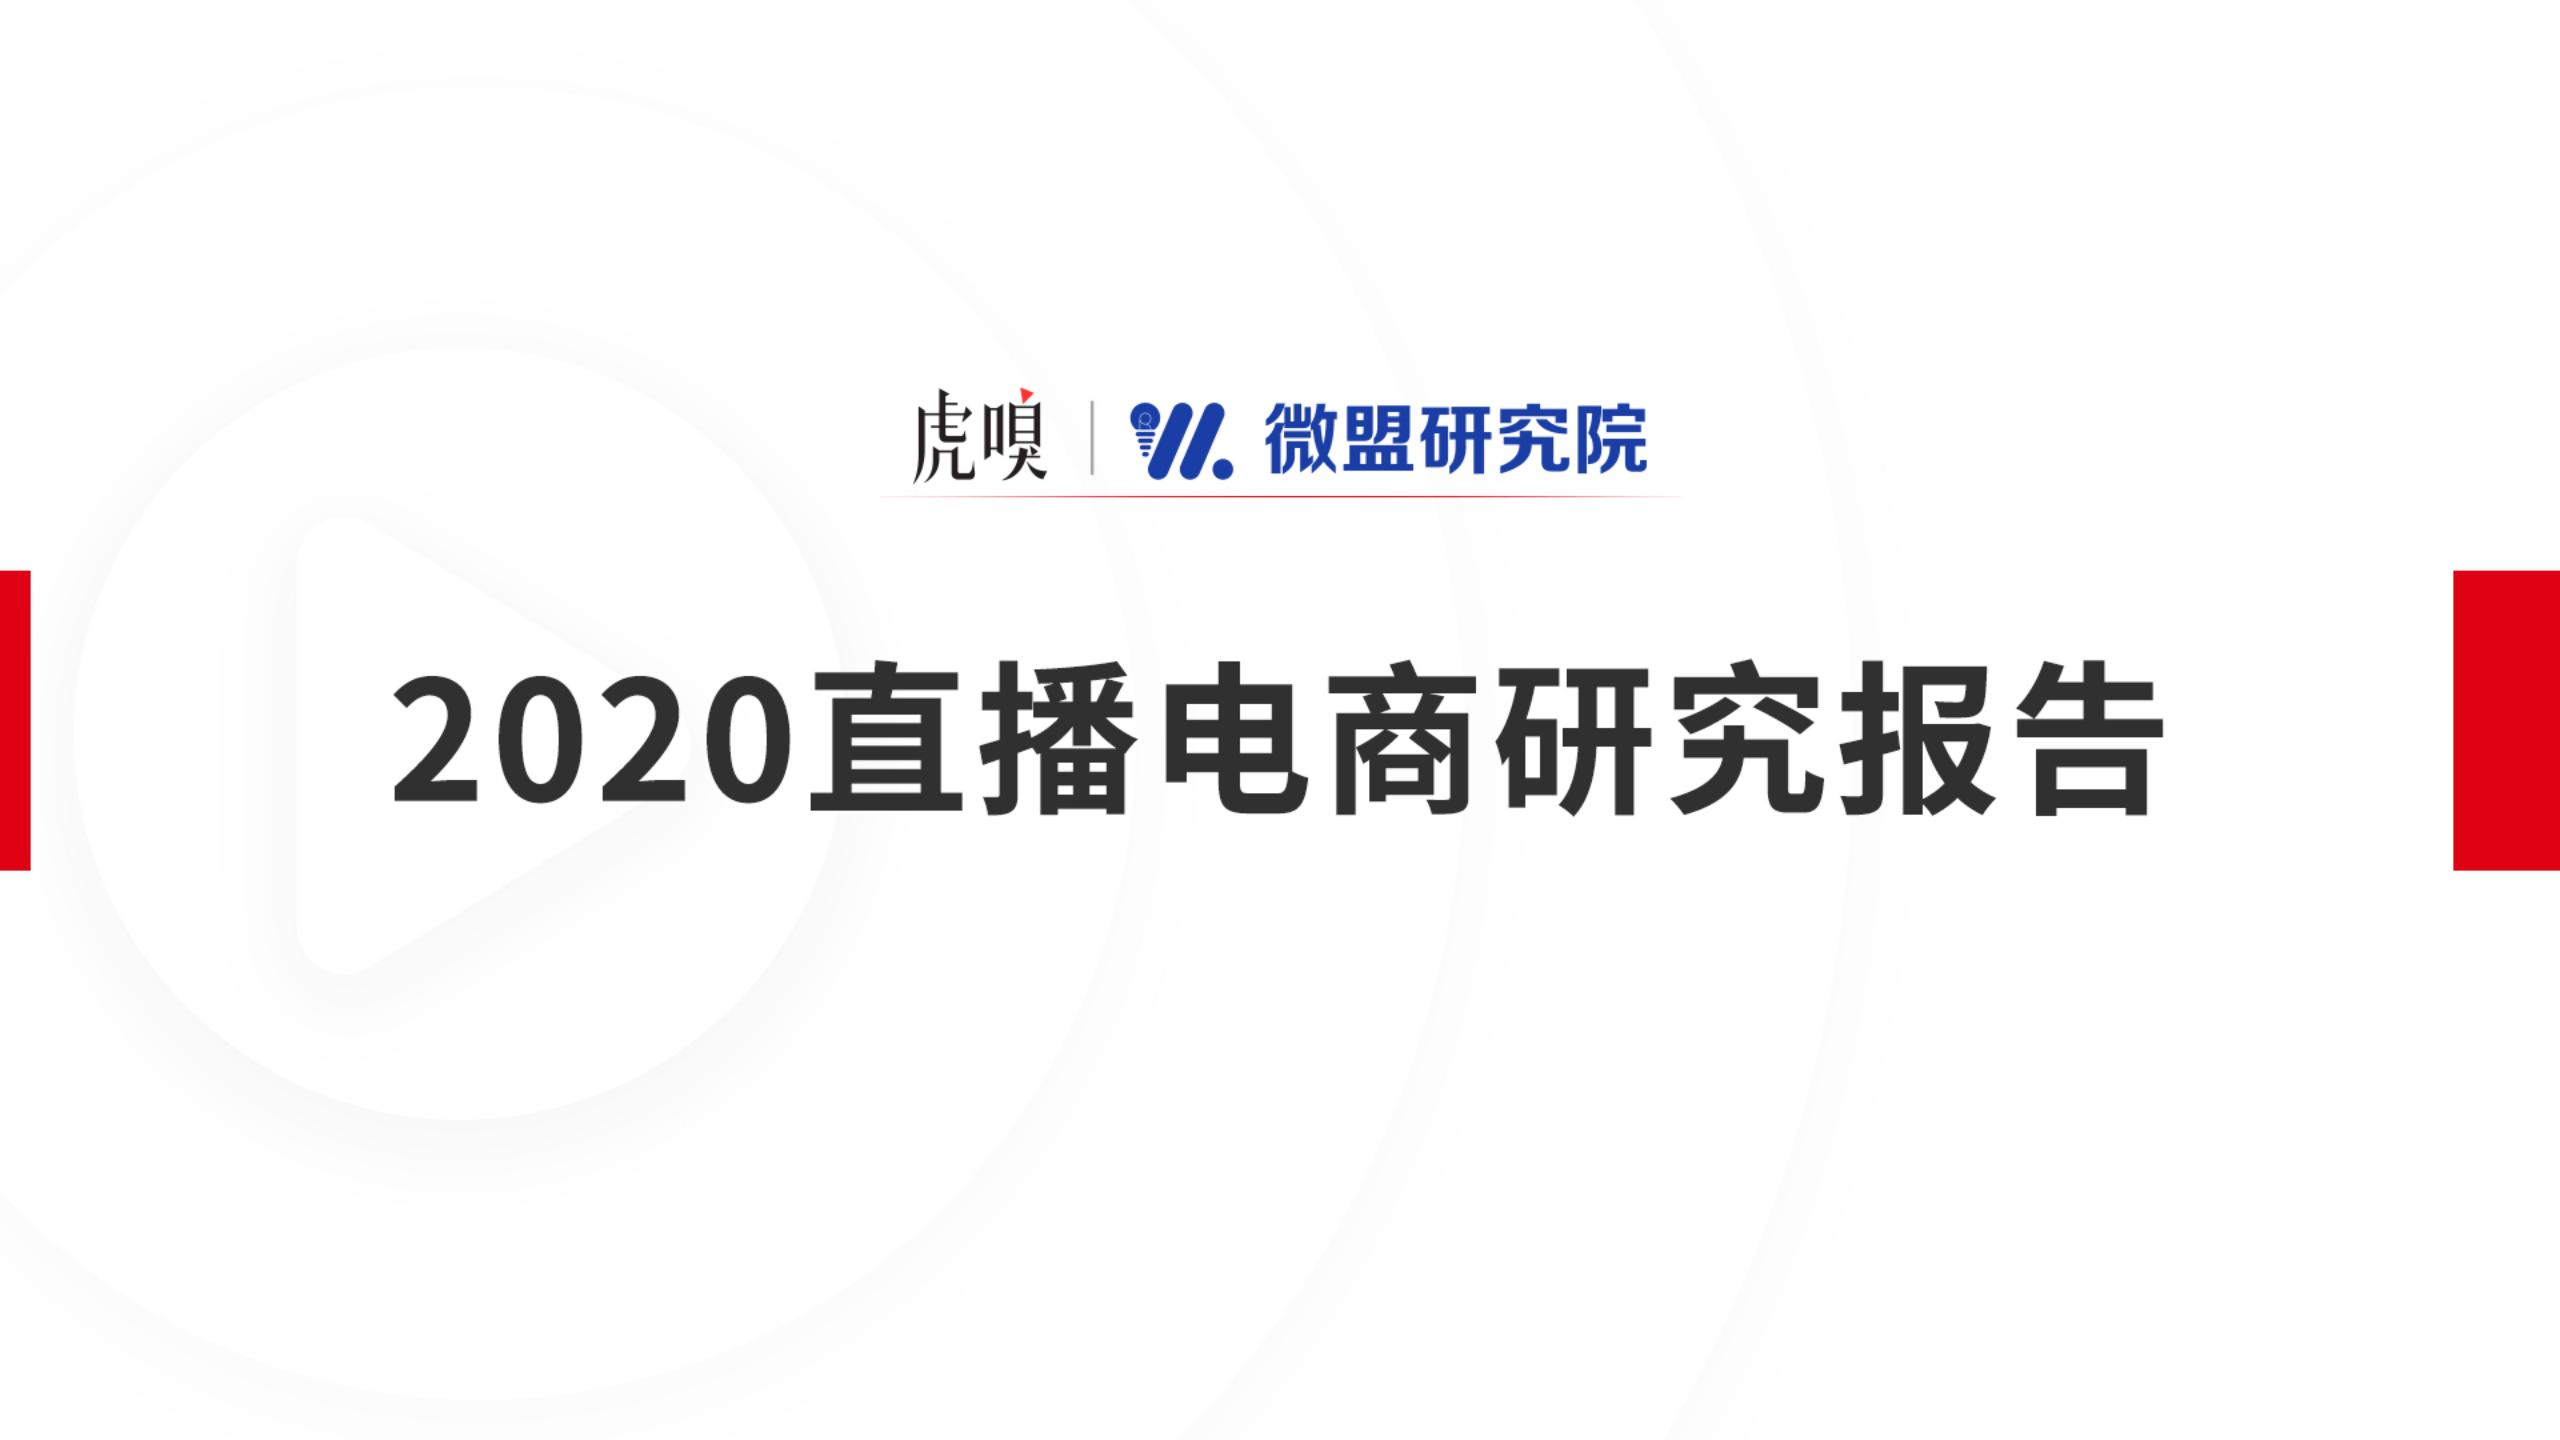 虎嗅&微盟:2020直播电商研究报告(附下载)